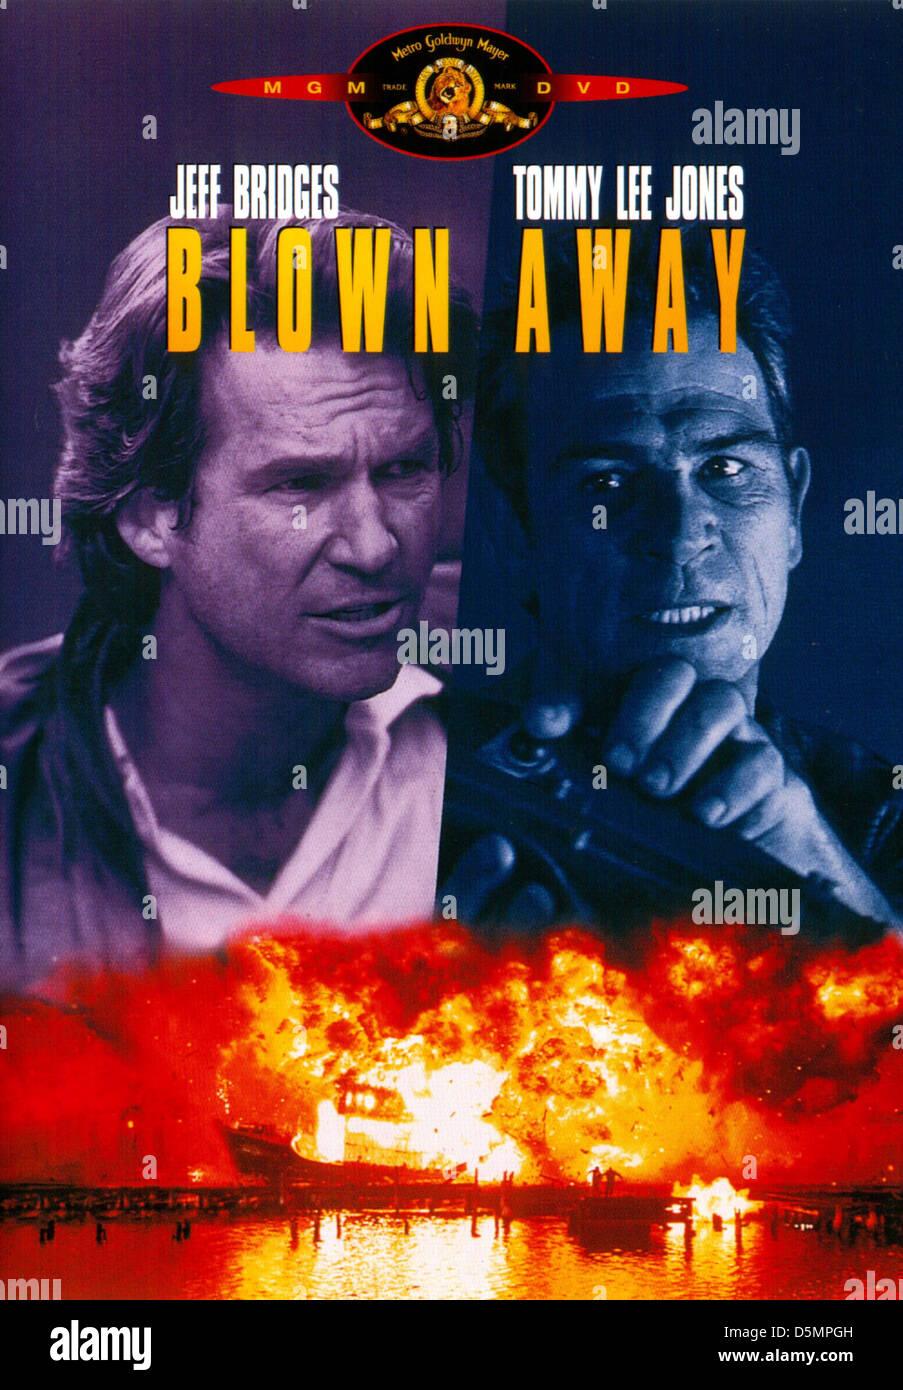 JEFF BRIDGES & TOMMY LEE JONES BLOWN AWAY (1994) Stock Photo